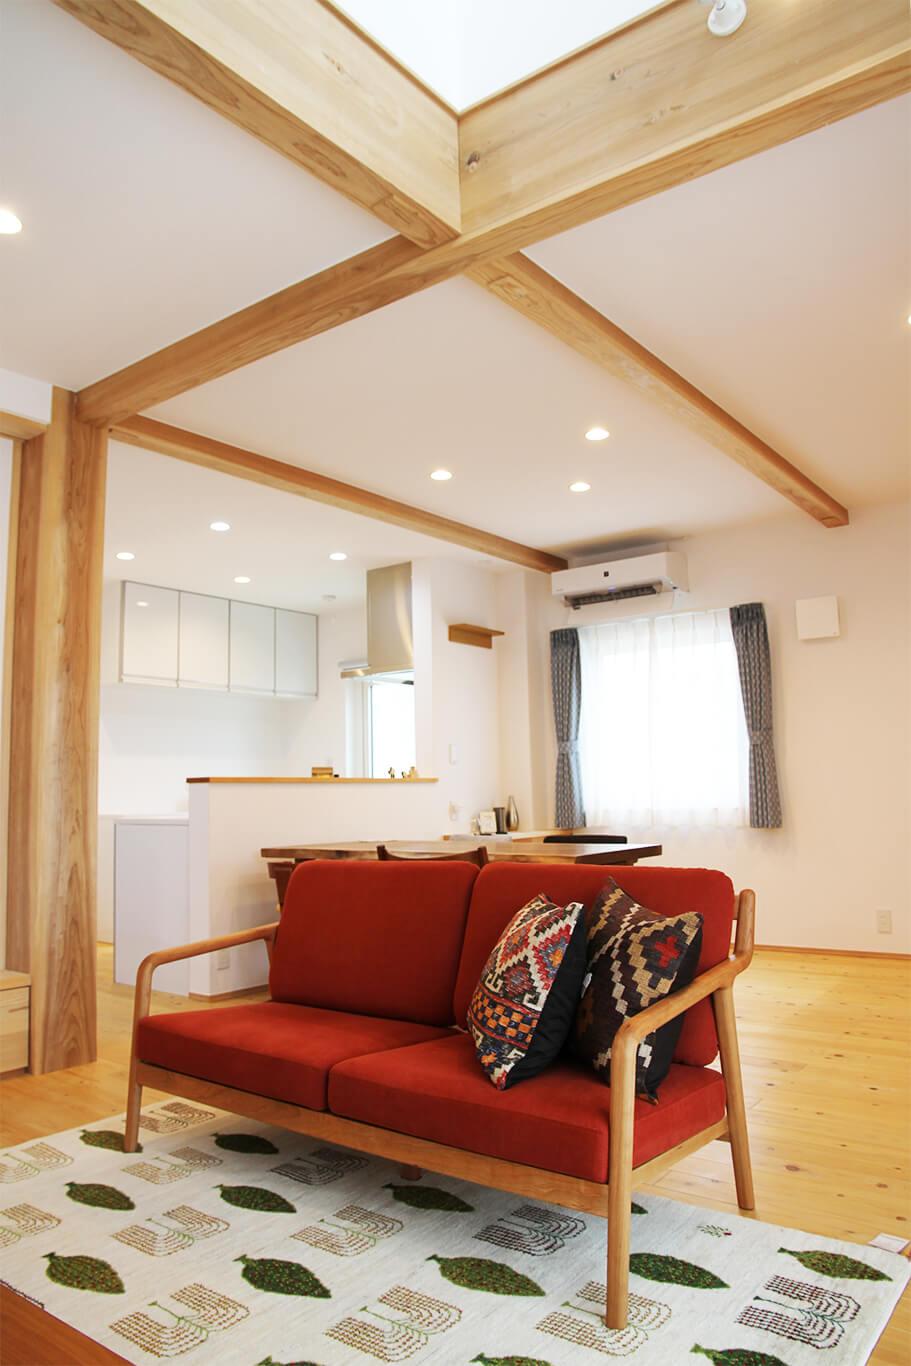 ウェルネストホーム九州 デザイン集 糸島市F様邸 リビング04